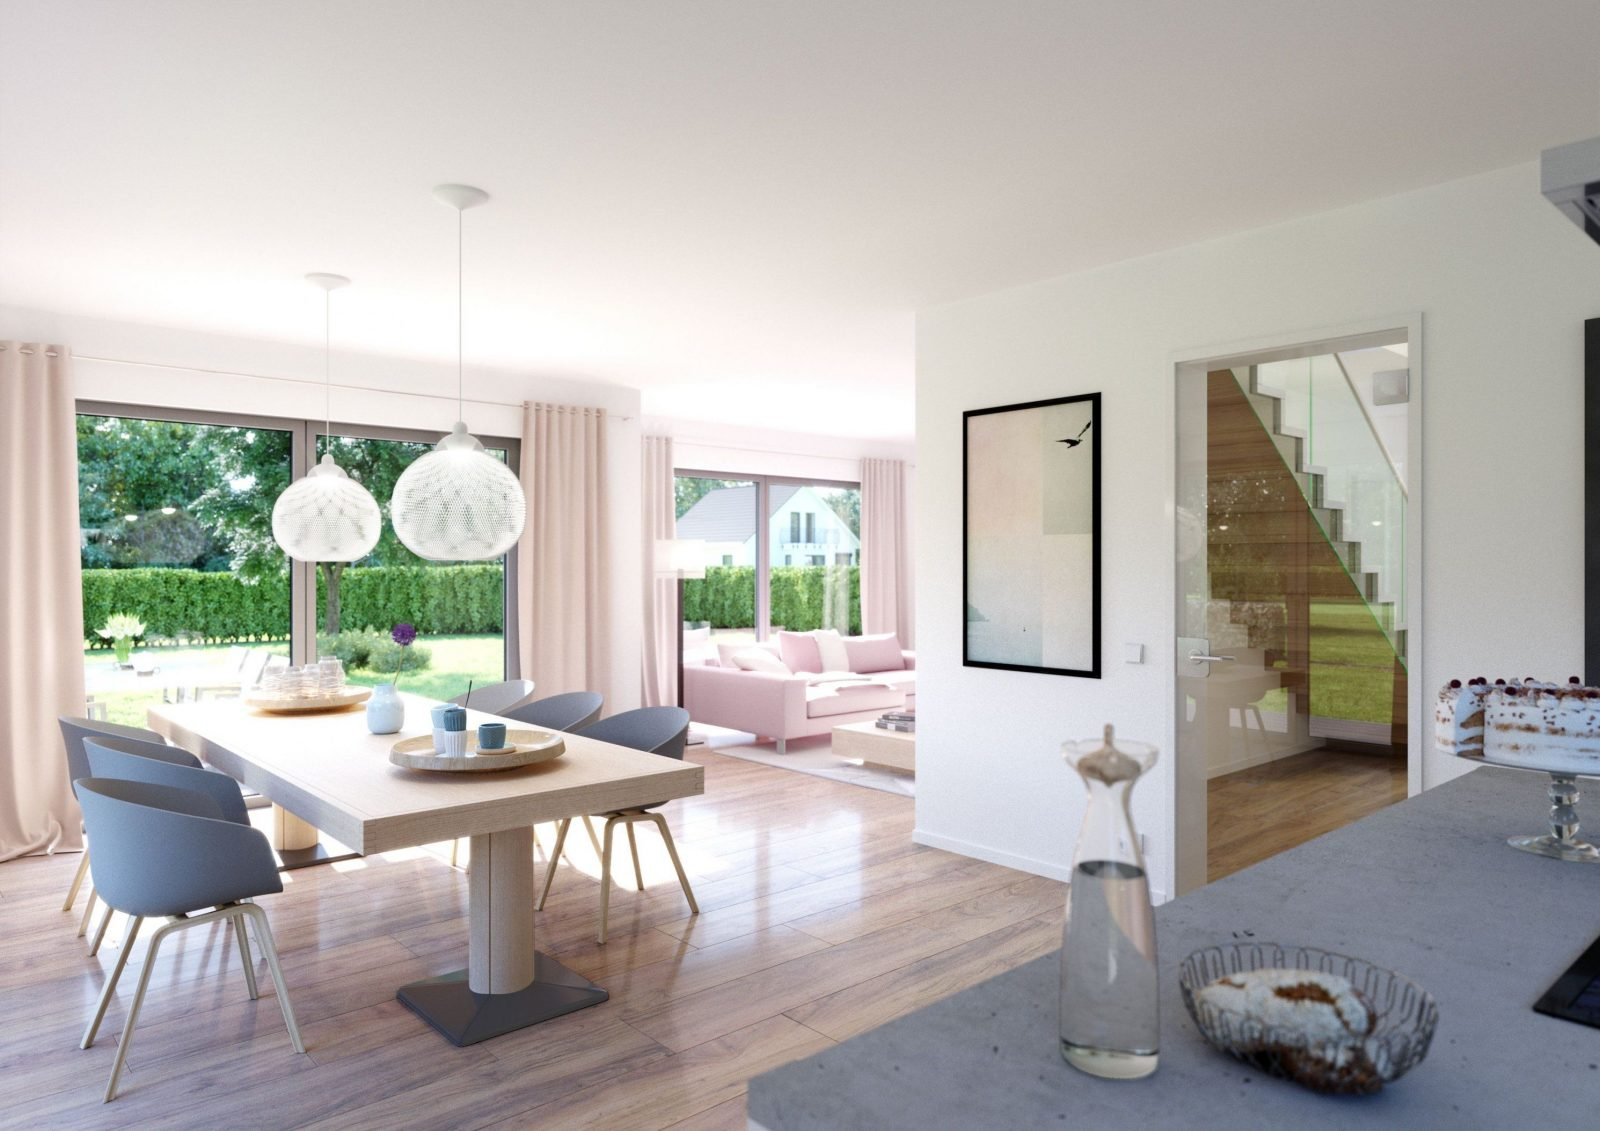 Häuser  Bodentiefe Fenster Flachdach Und Highlights von Modernes Wohnzimmer Mit Essbereich Photo